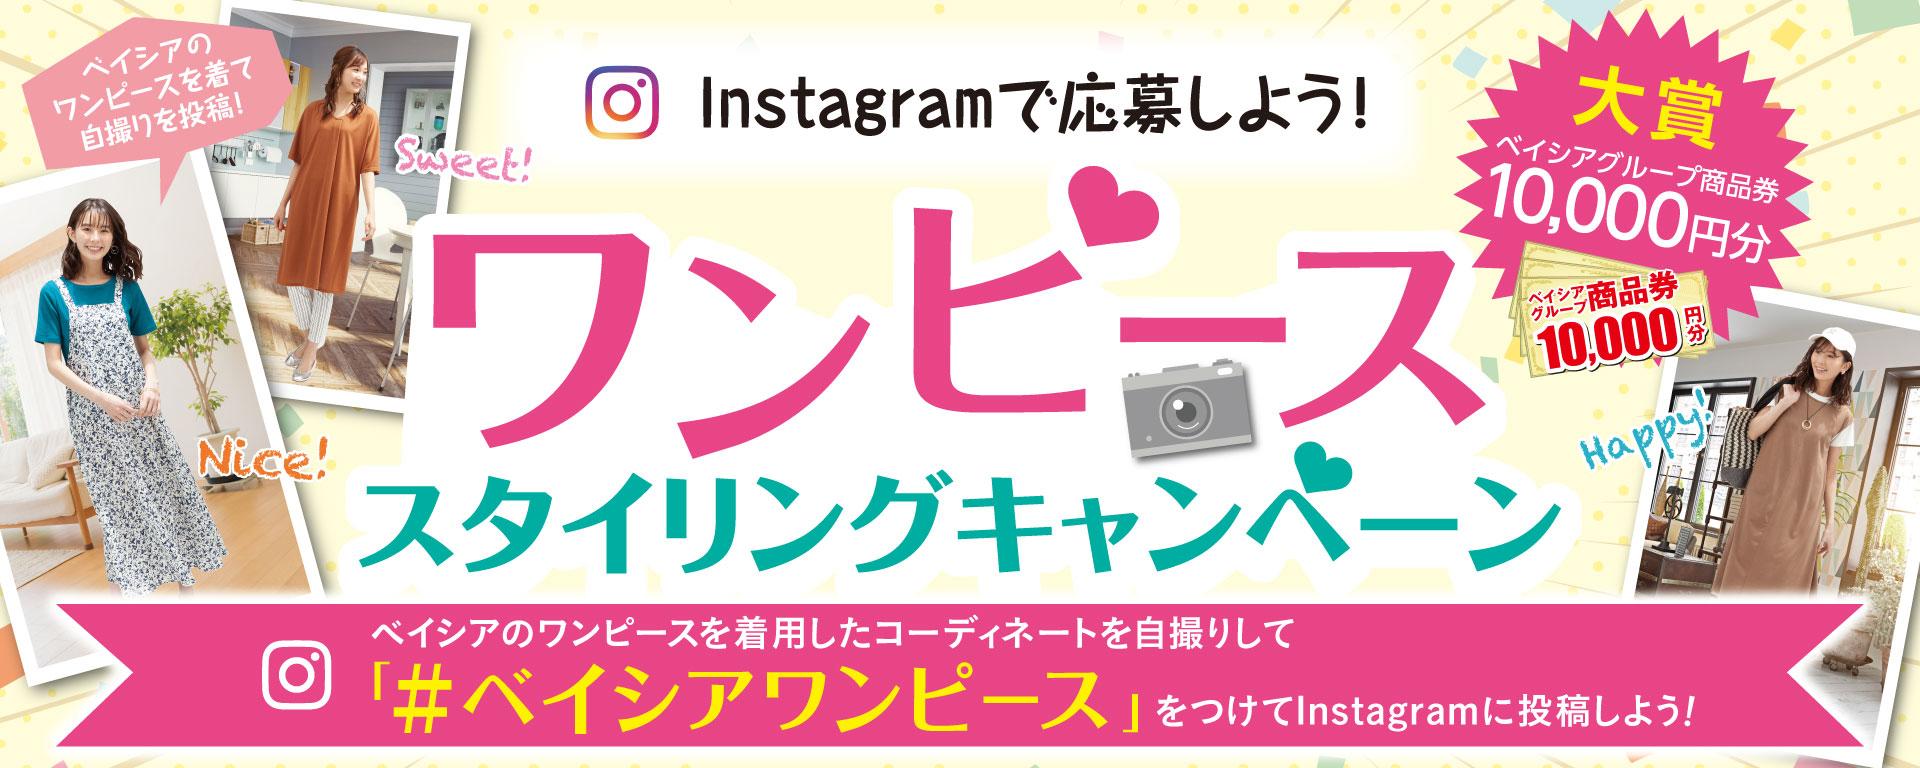 ワンピーススタイリングキャンペーン開催中!